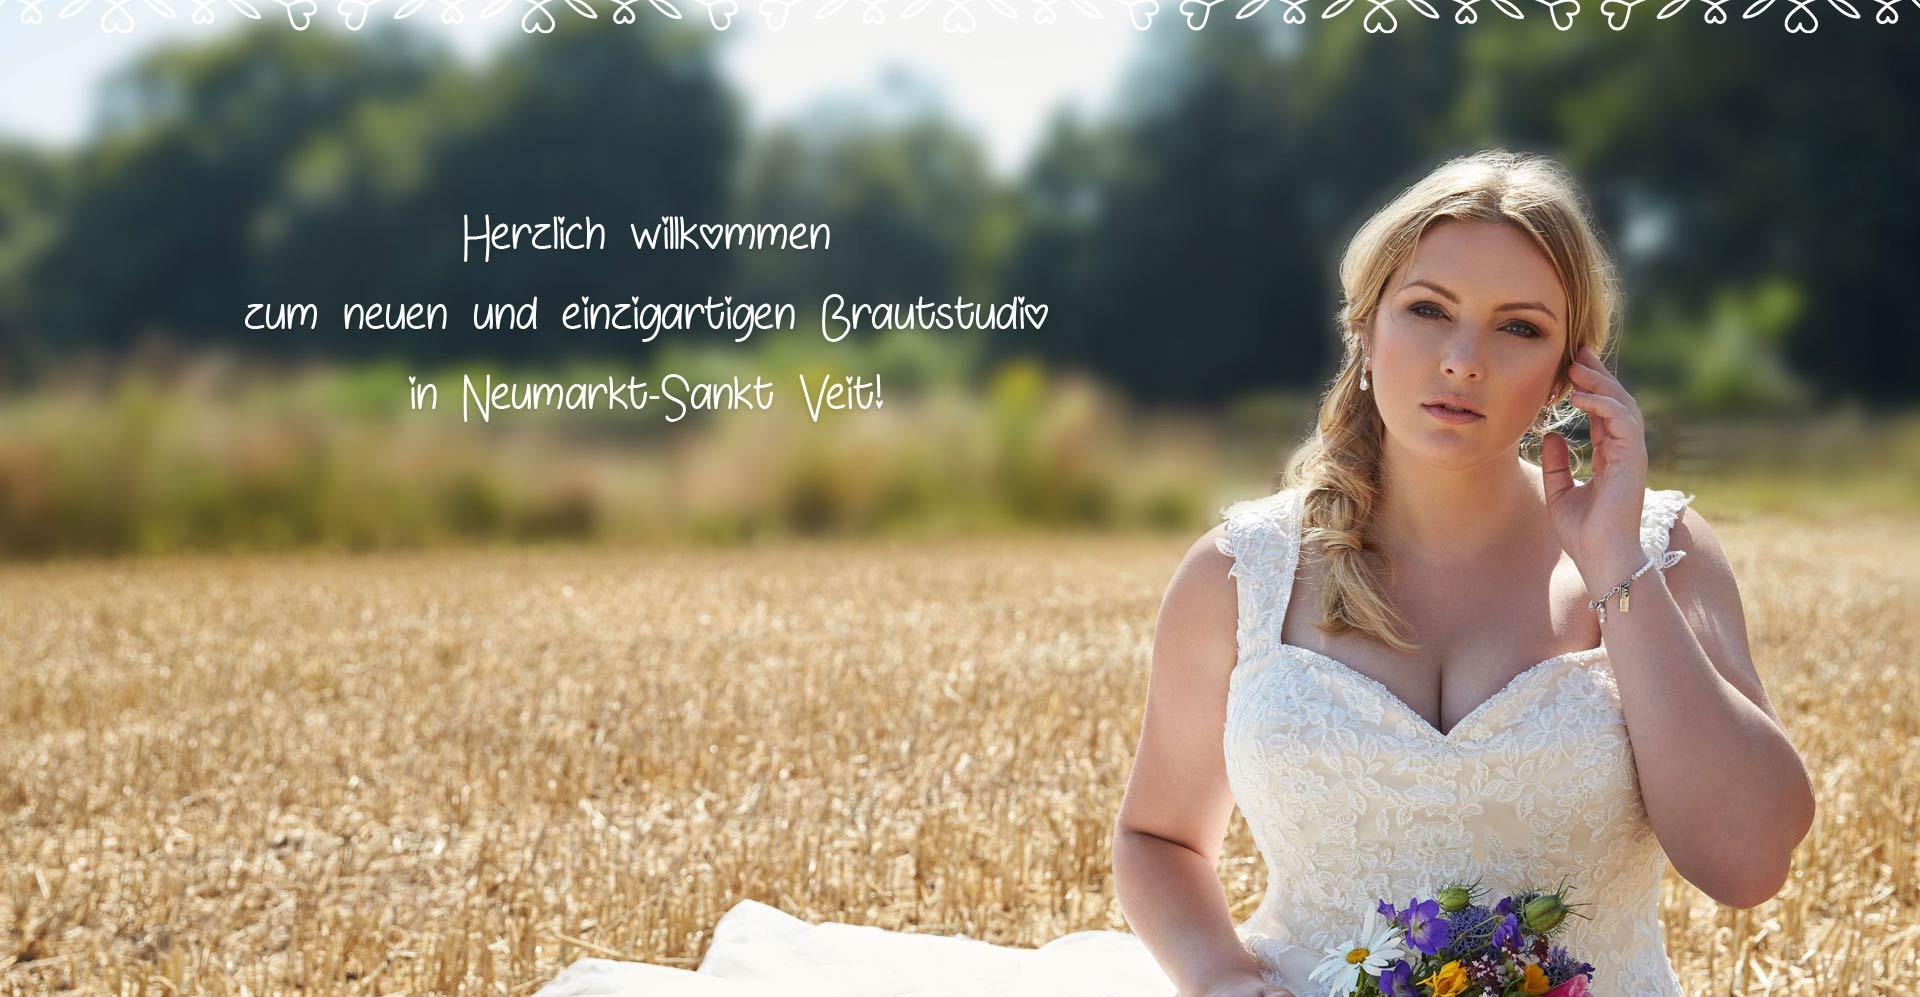 Herzlich willkommen im neuen und einzigartigen Brautstudio in Neumarkt-Sankt Veit!